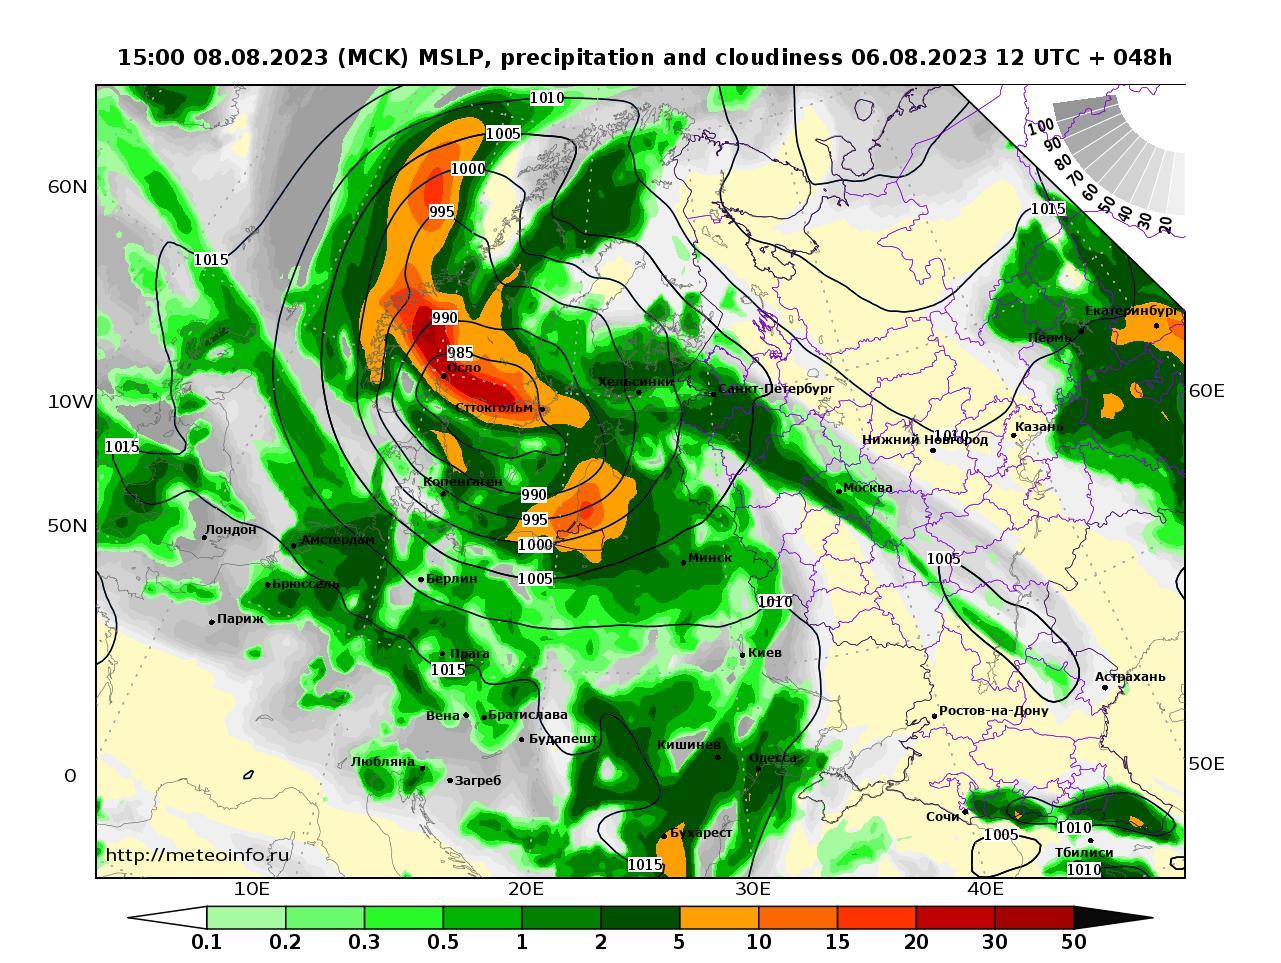 Европейская территория России, прогностическая карта осадки и давление, заблаговременность прогноза 48 часов